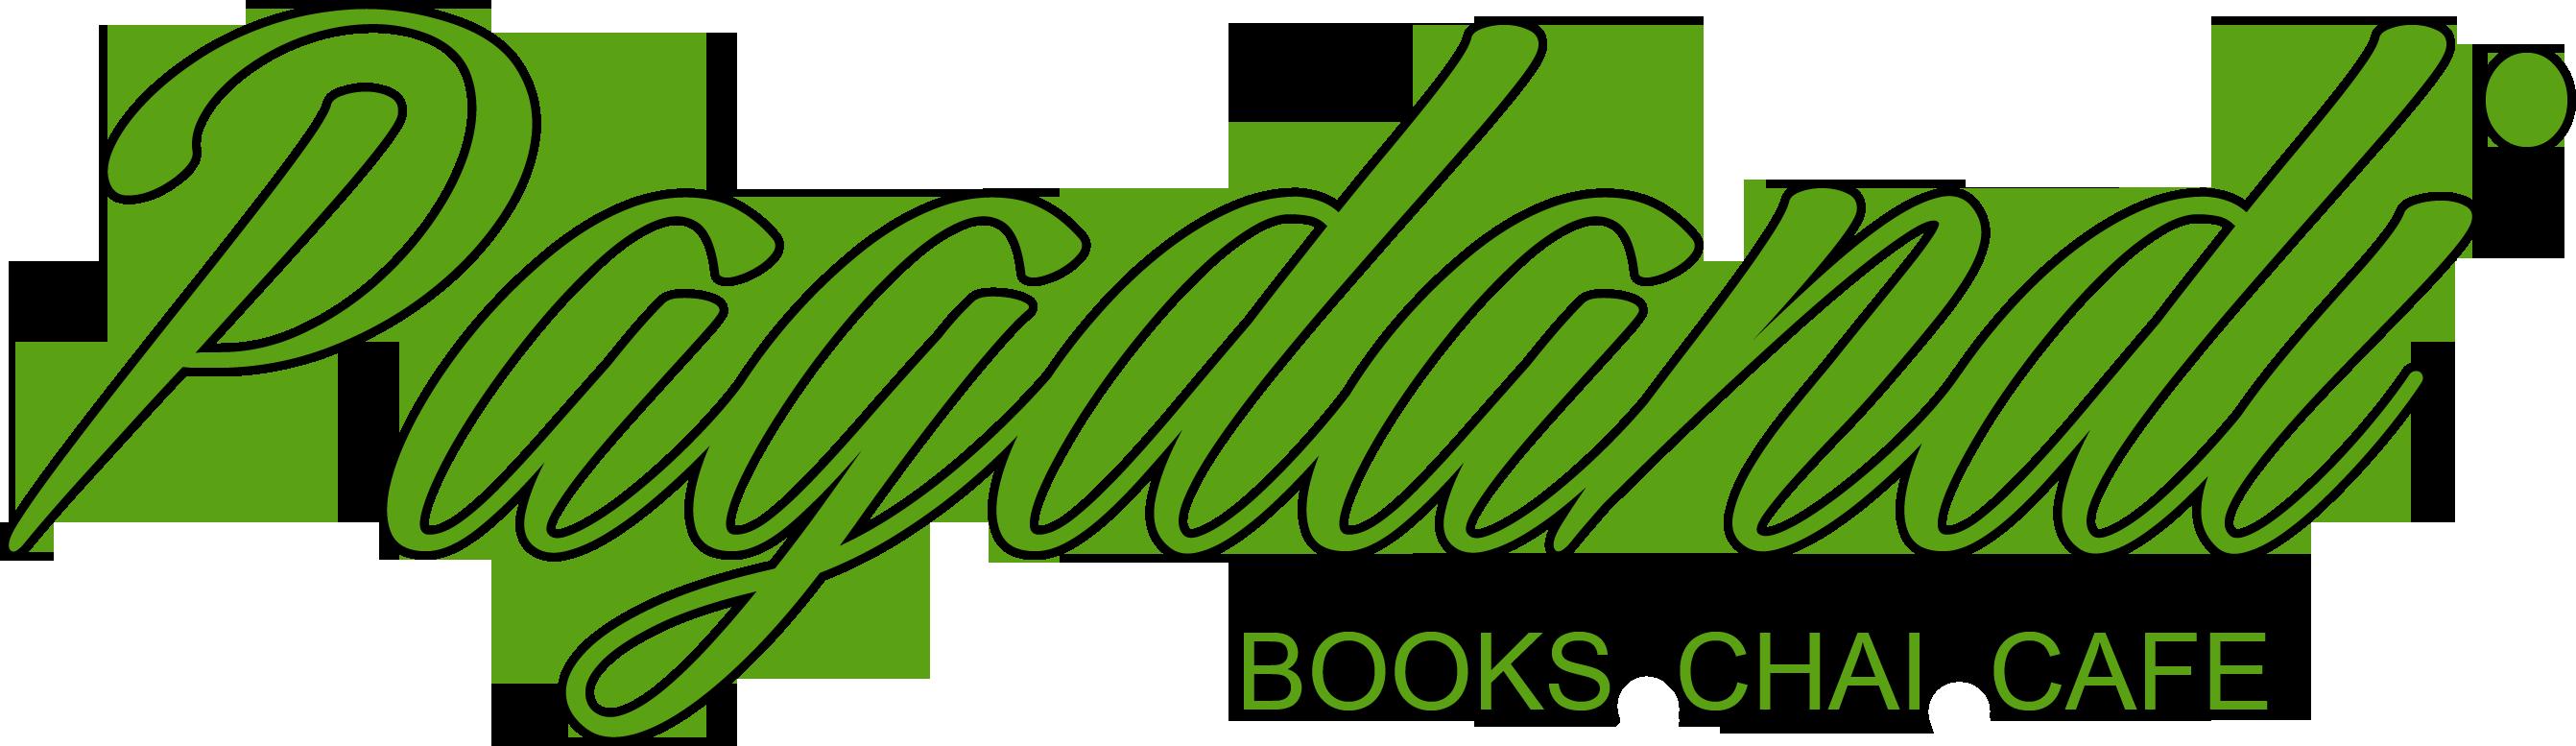 Pagdandi – Books Chai Cafe